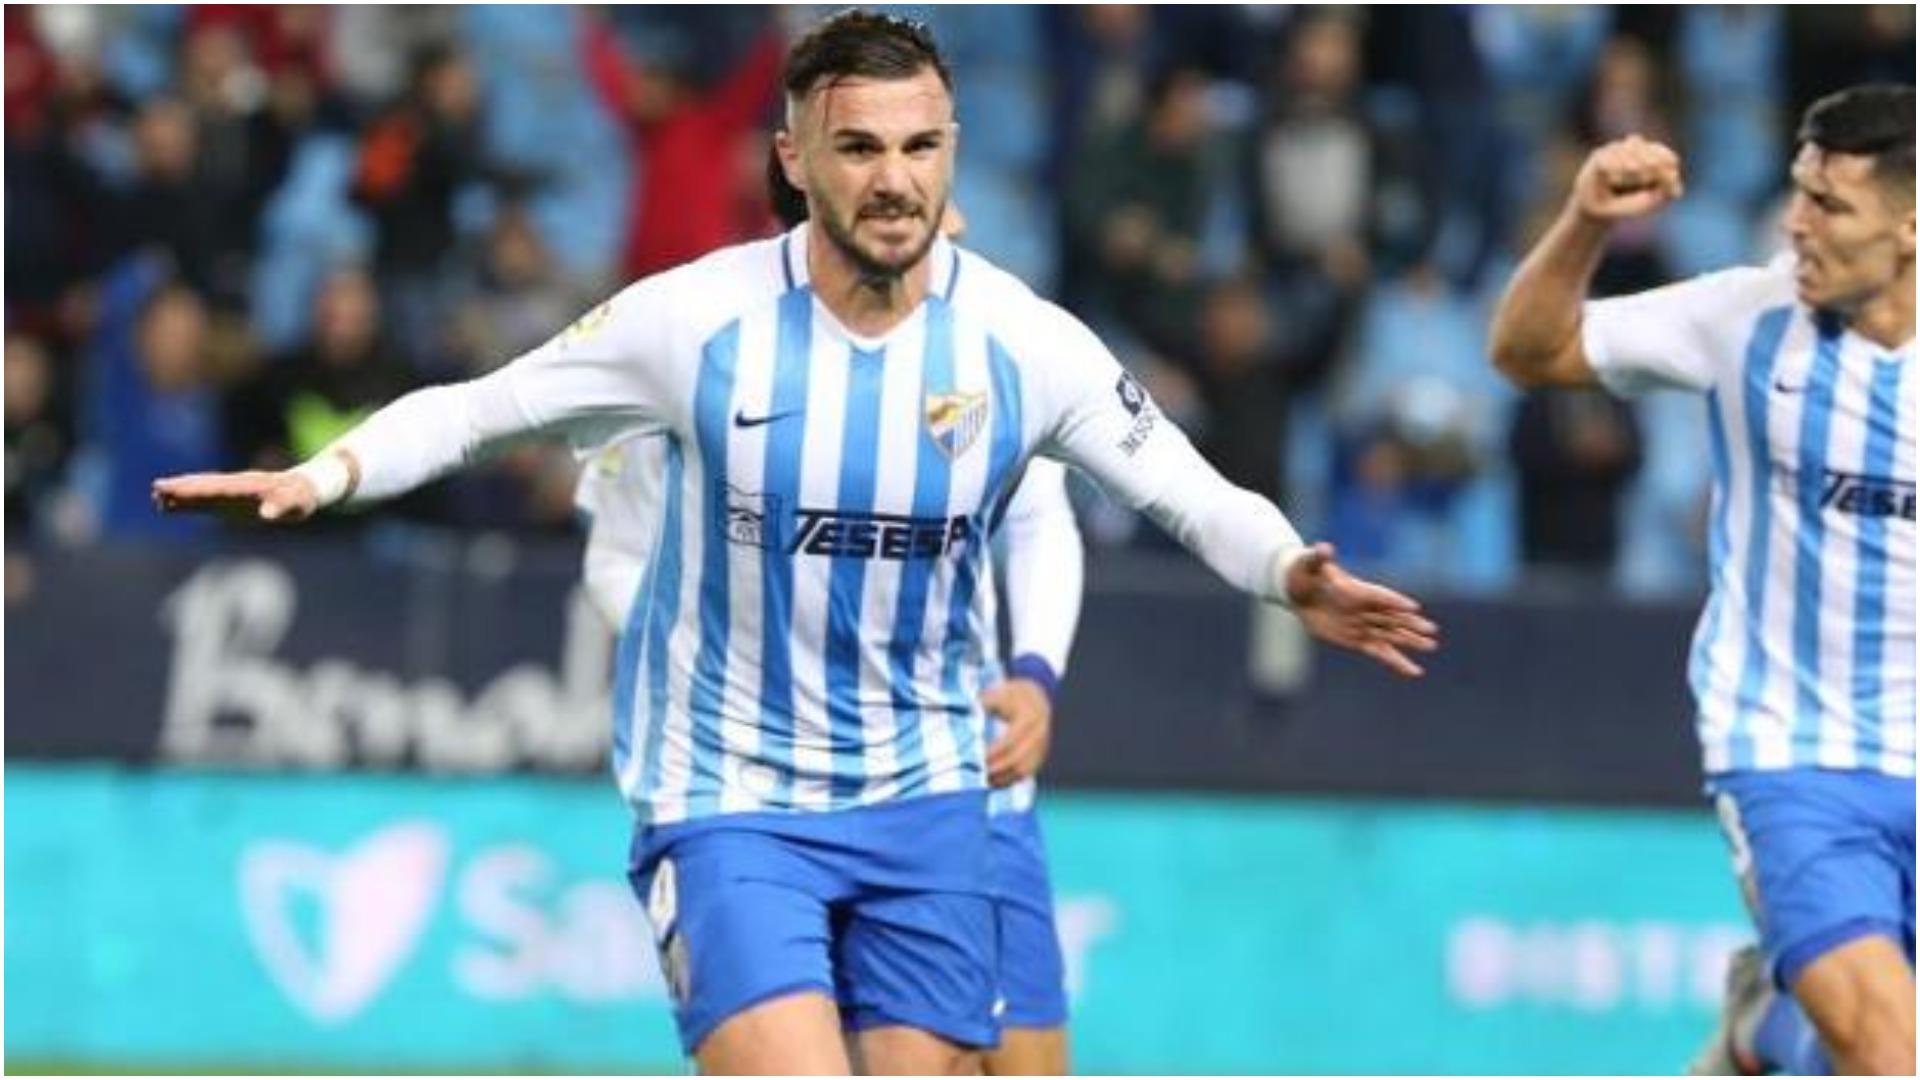 VIDEO/ Sadiku shënon dhe qetëson Malaga, rekordi historik vetëm dy gola larg